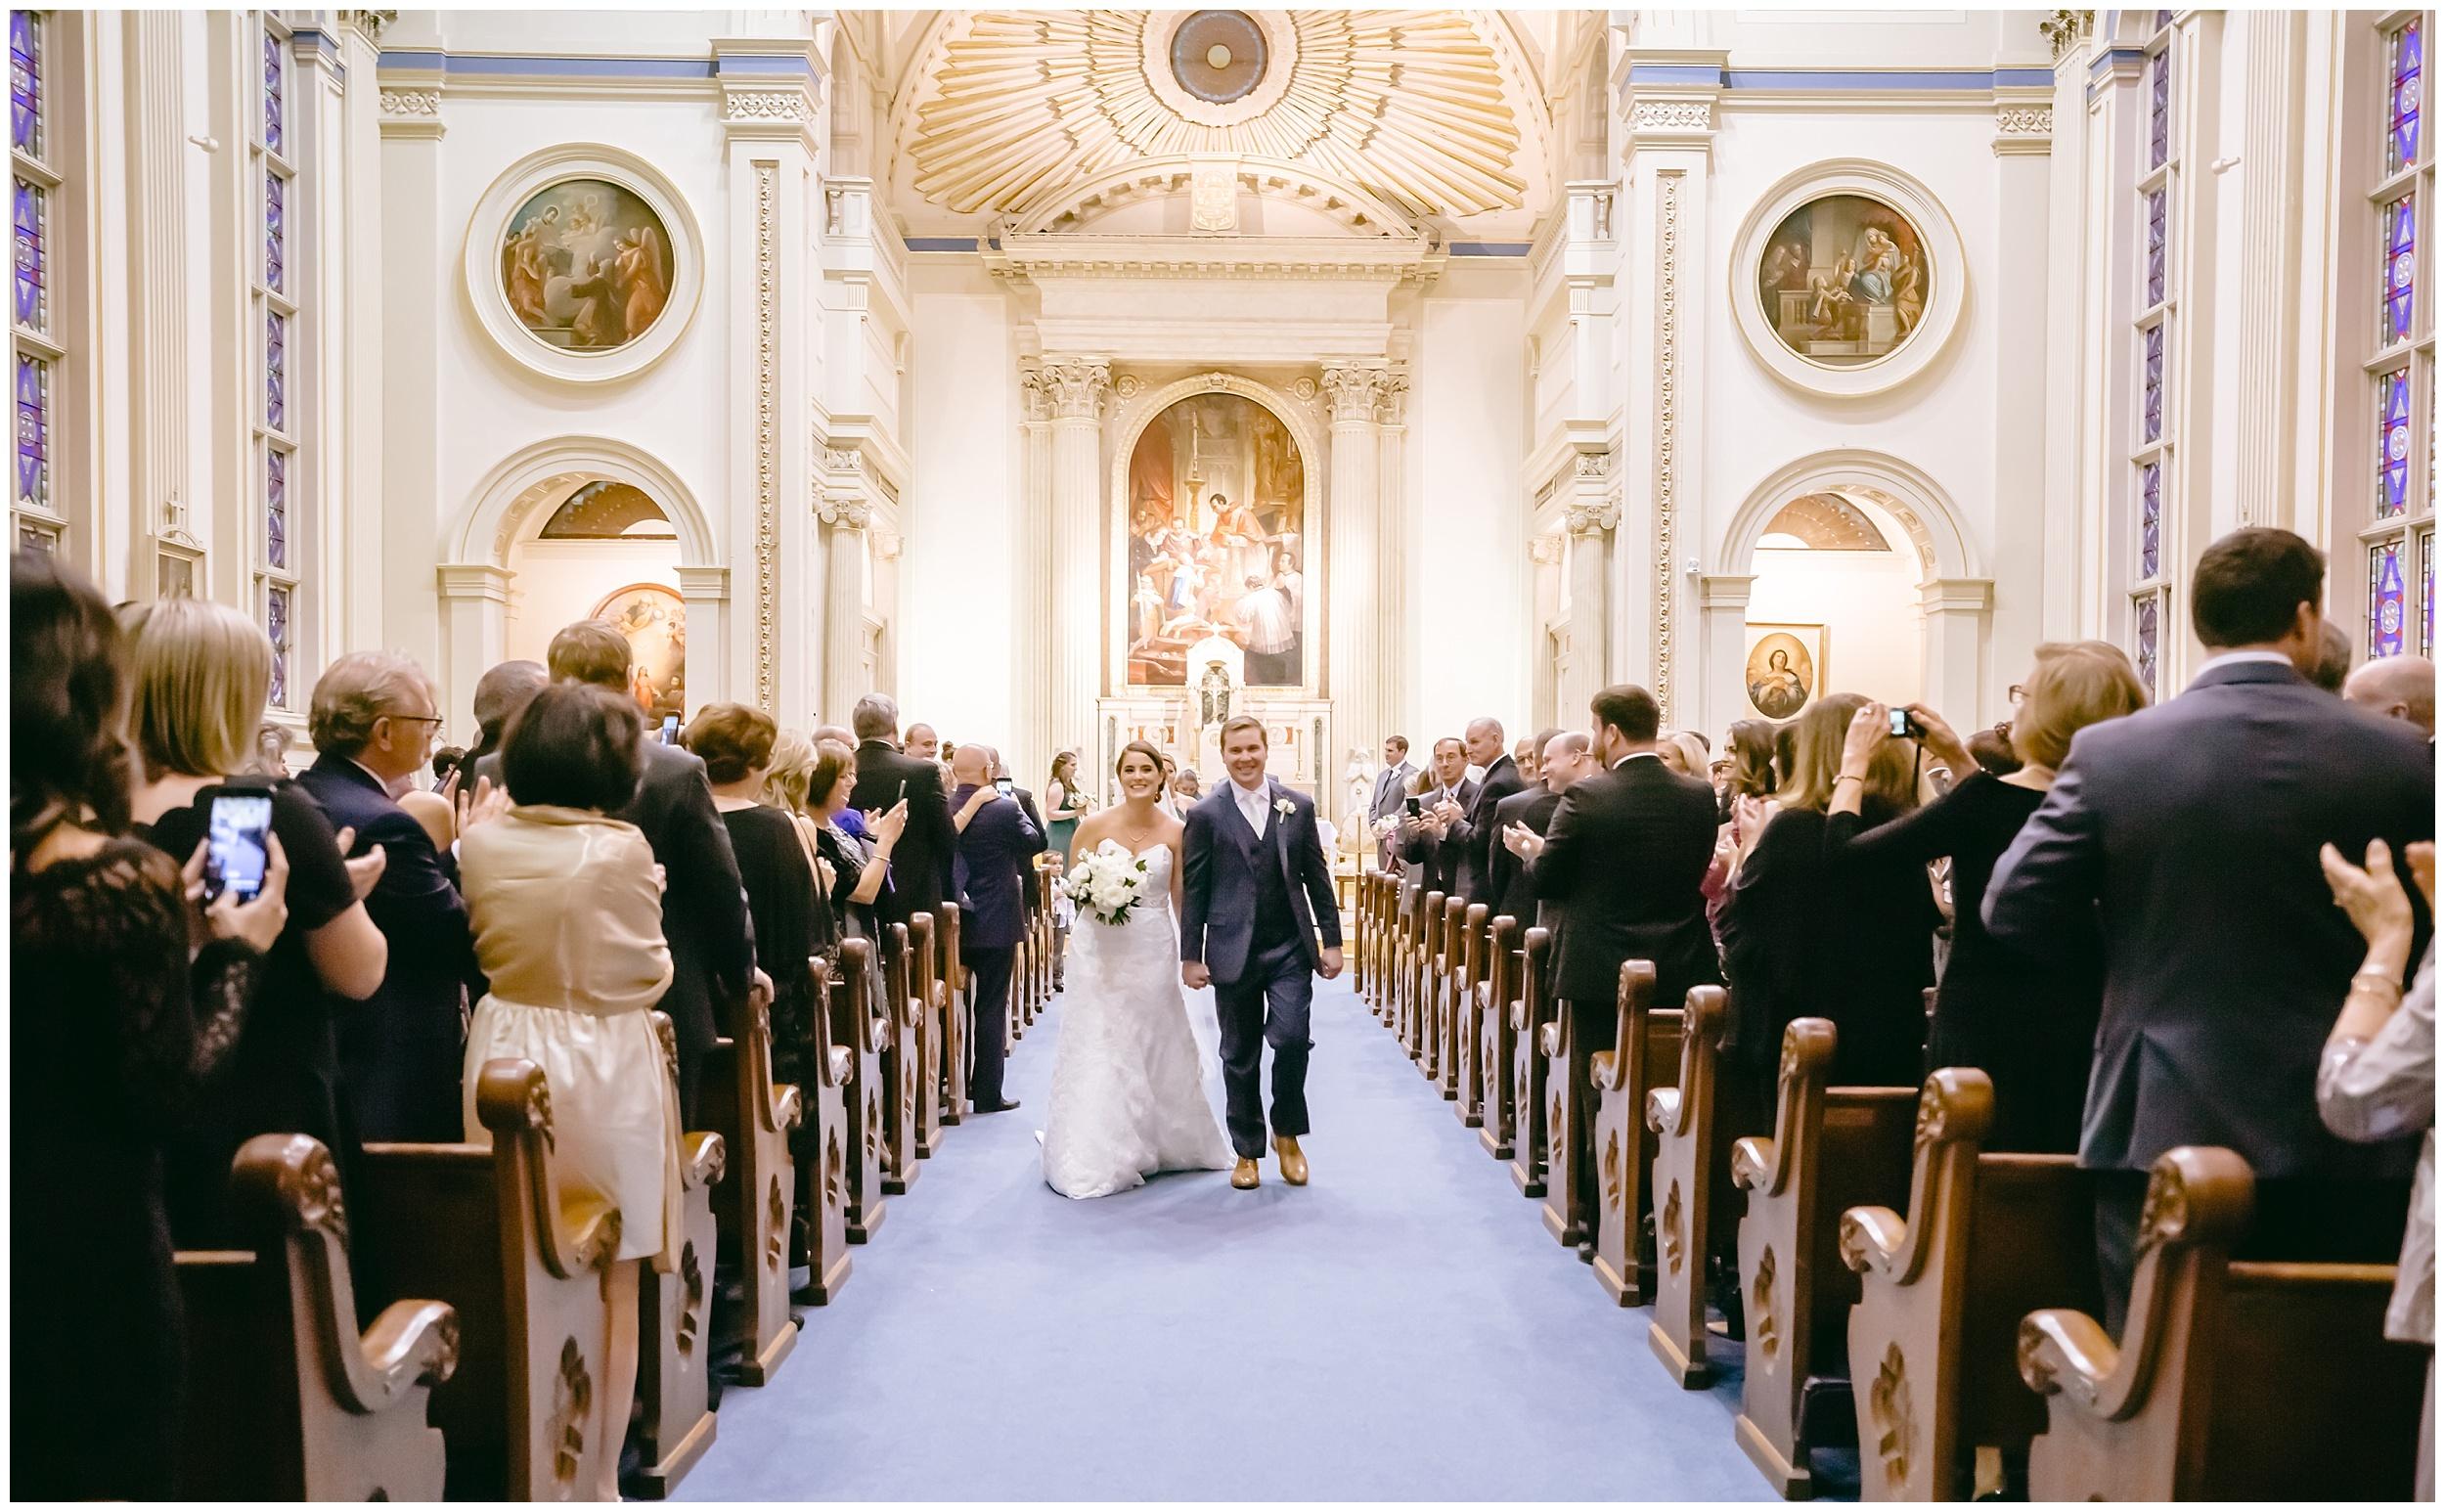 wedding-ceremony-bride-groom-just-married-catholic-washington-dc-photographer